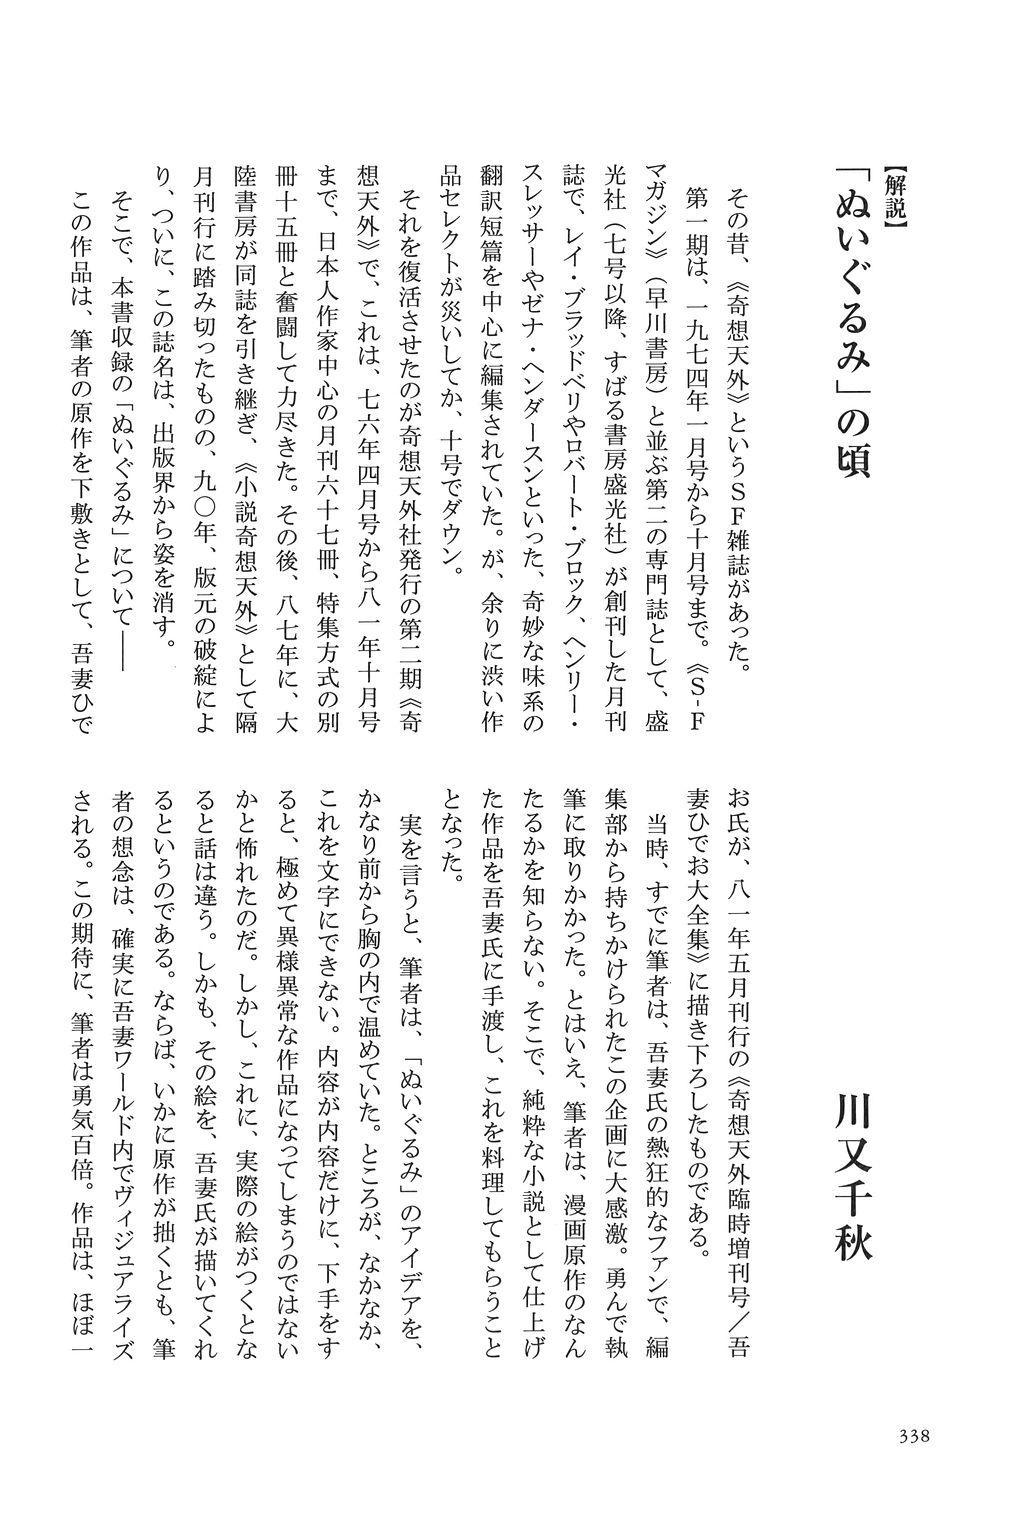 Azuma Hideo Sakuhin Shuusei - Yoru no Tobari no Naka de 338